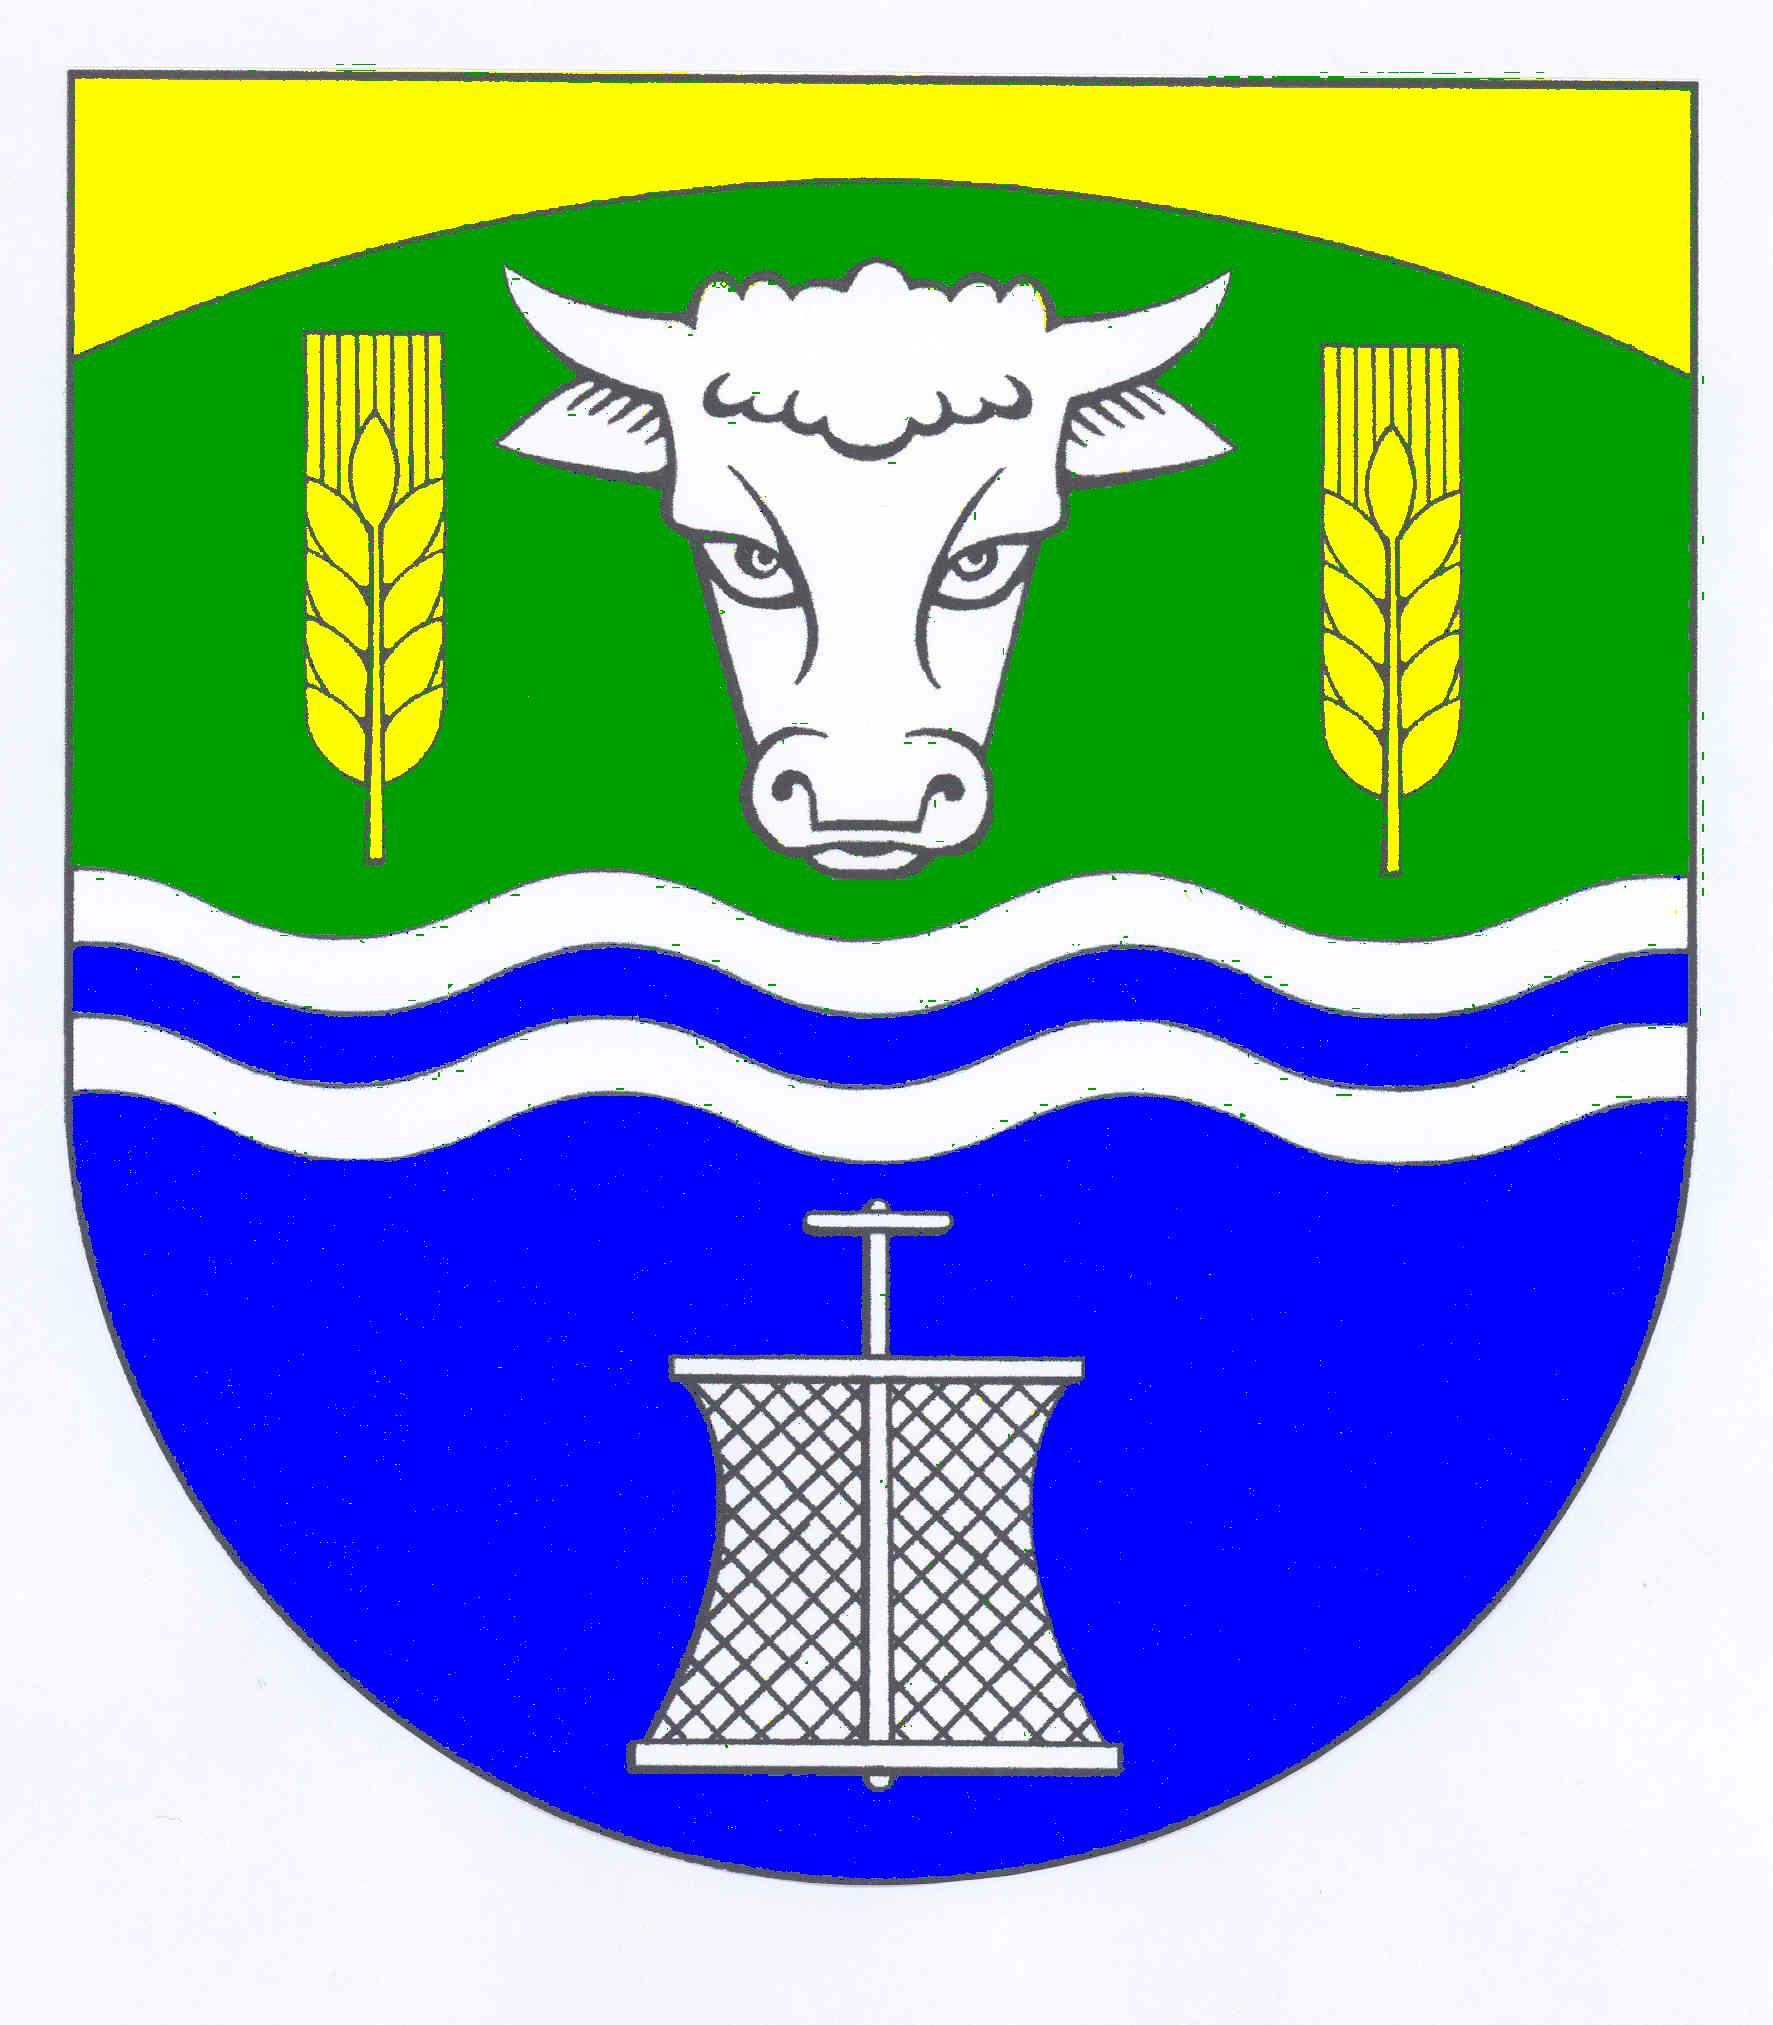 Wappen GemeindeUelvesbüll, Kreis Nordfriesland